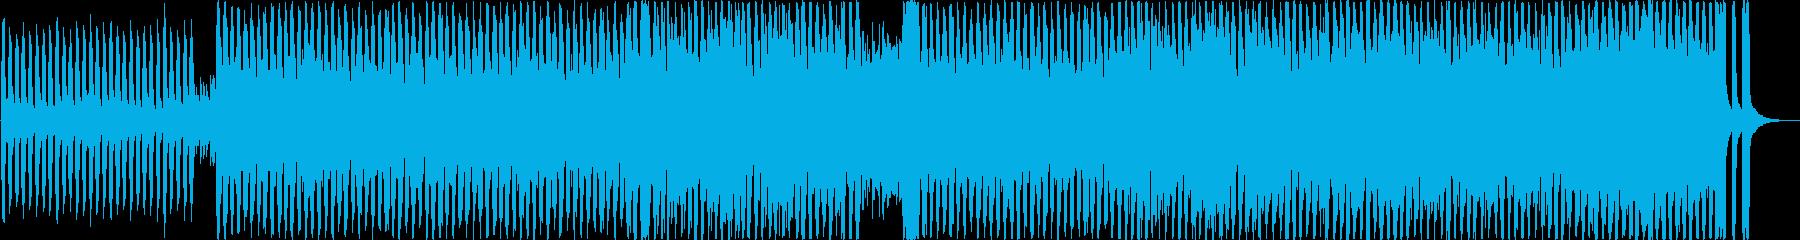 前向きで爽やかなEDMの再生済みの波形